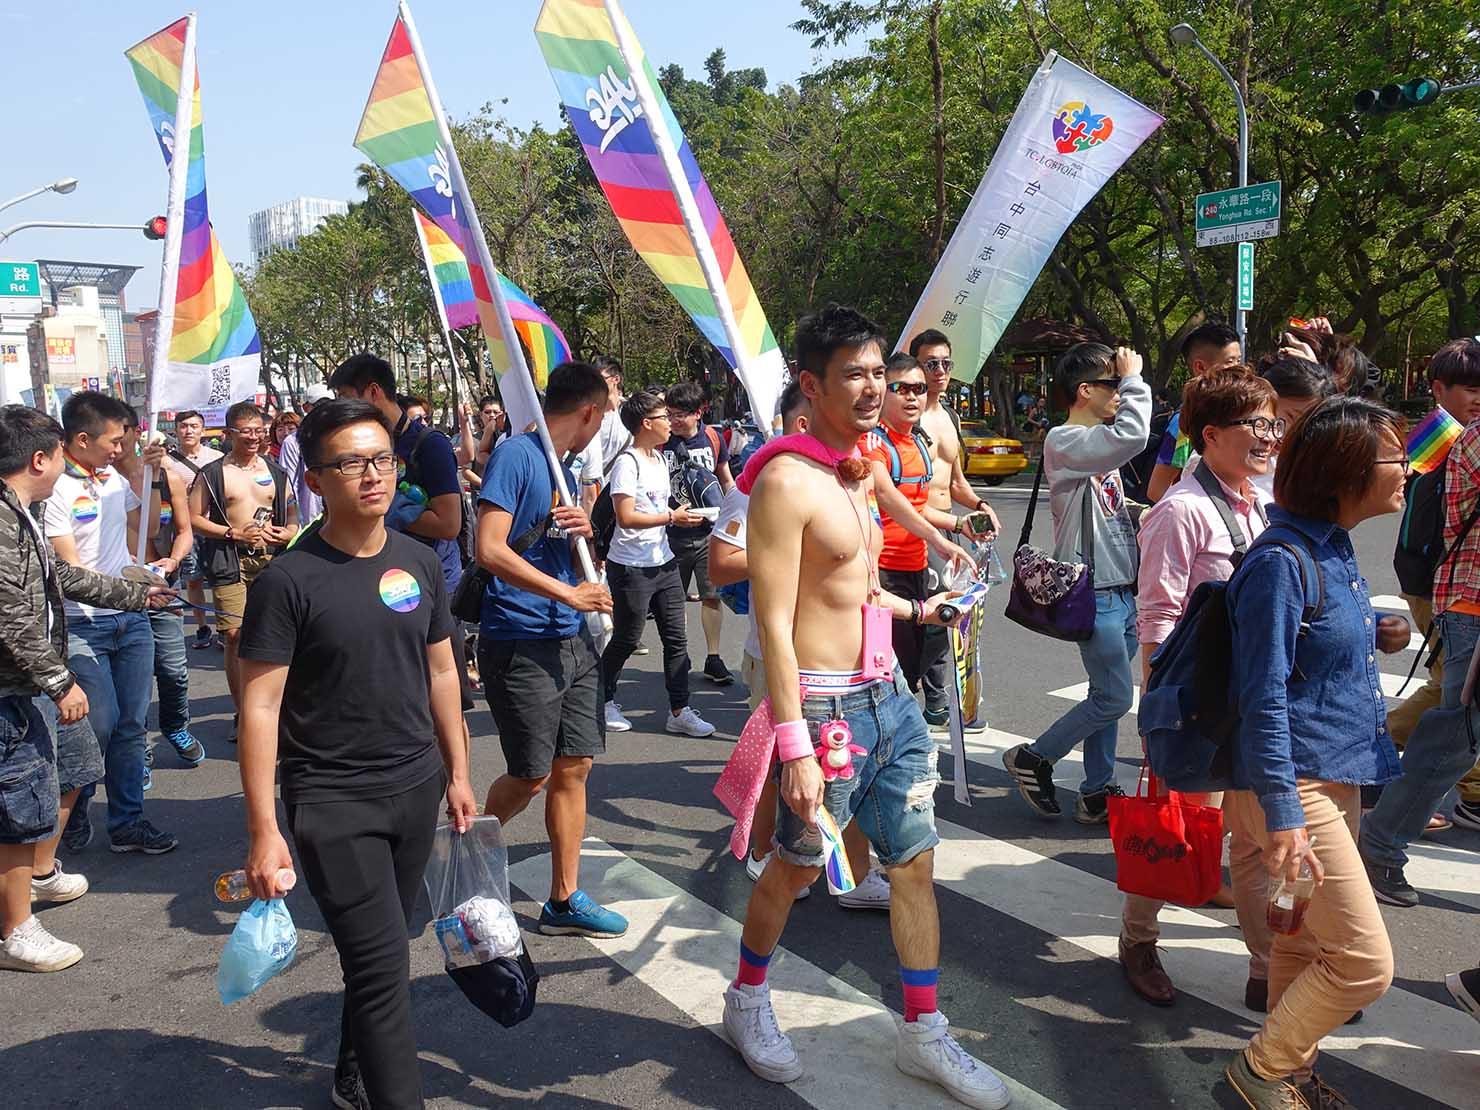 2018年台湾最初のLGBTプライド「台南彩虹遊行(台南レインボーパレード)」を歩く参加団体